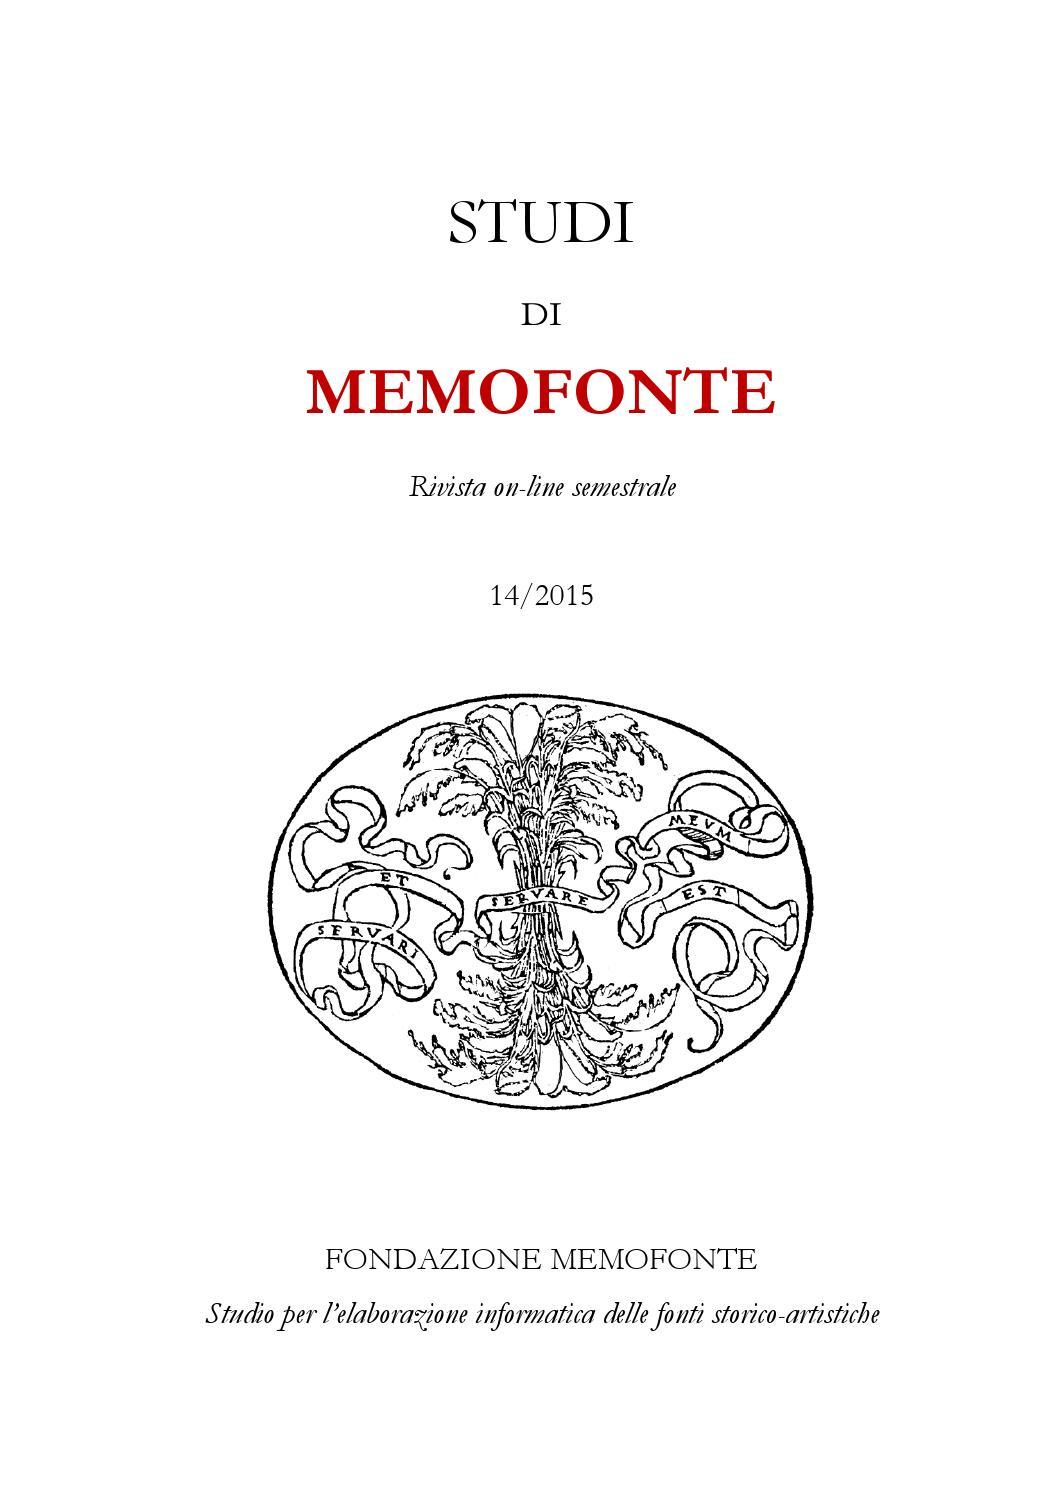 memofonte 2015 Fondazione Memofonte studi di Issuu By Xiv Onlus rxBWdoQCe